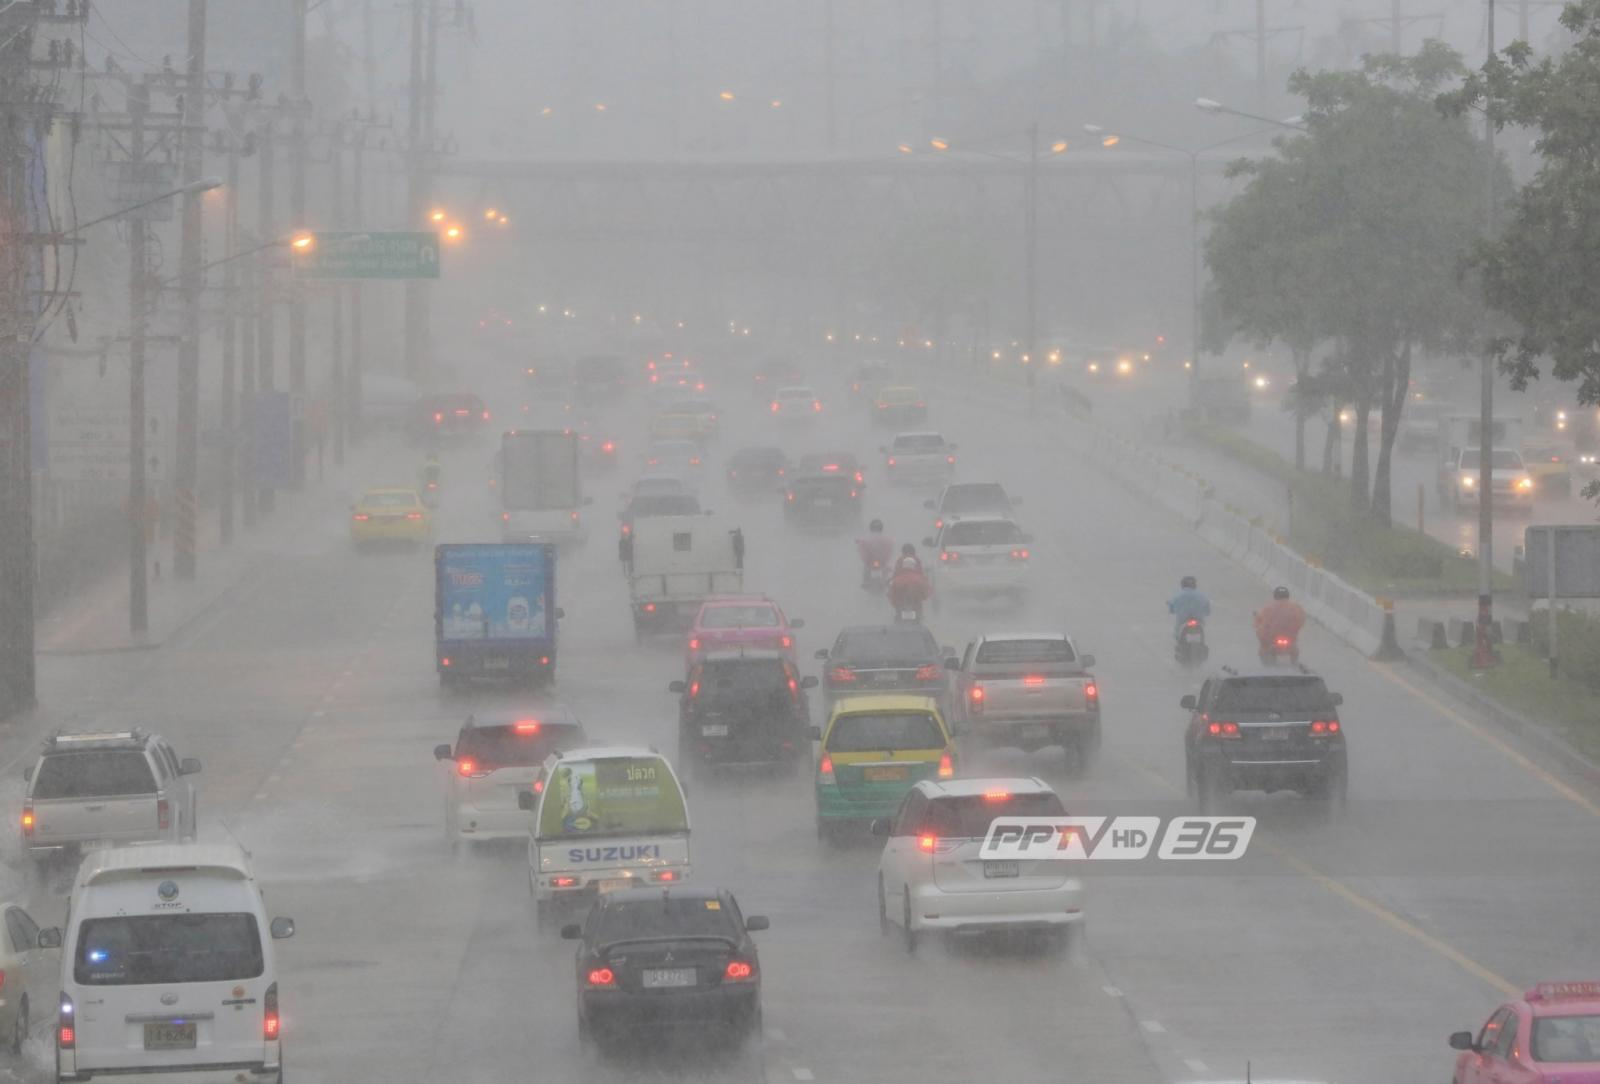 """อุตุฯเตือนพายุ """"บารีจัต-มังคุด""""กระทบไทย ฝนตกหนัก เสี่ยงน้ำท่วม"""